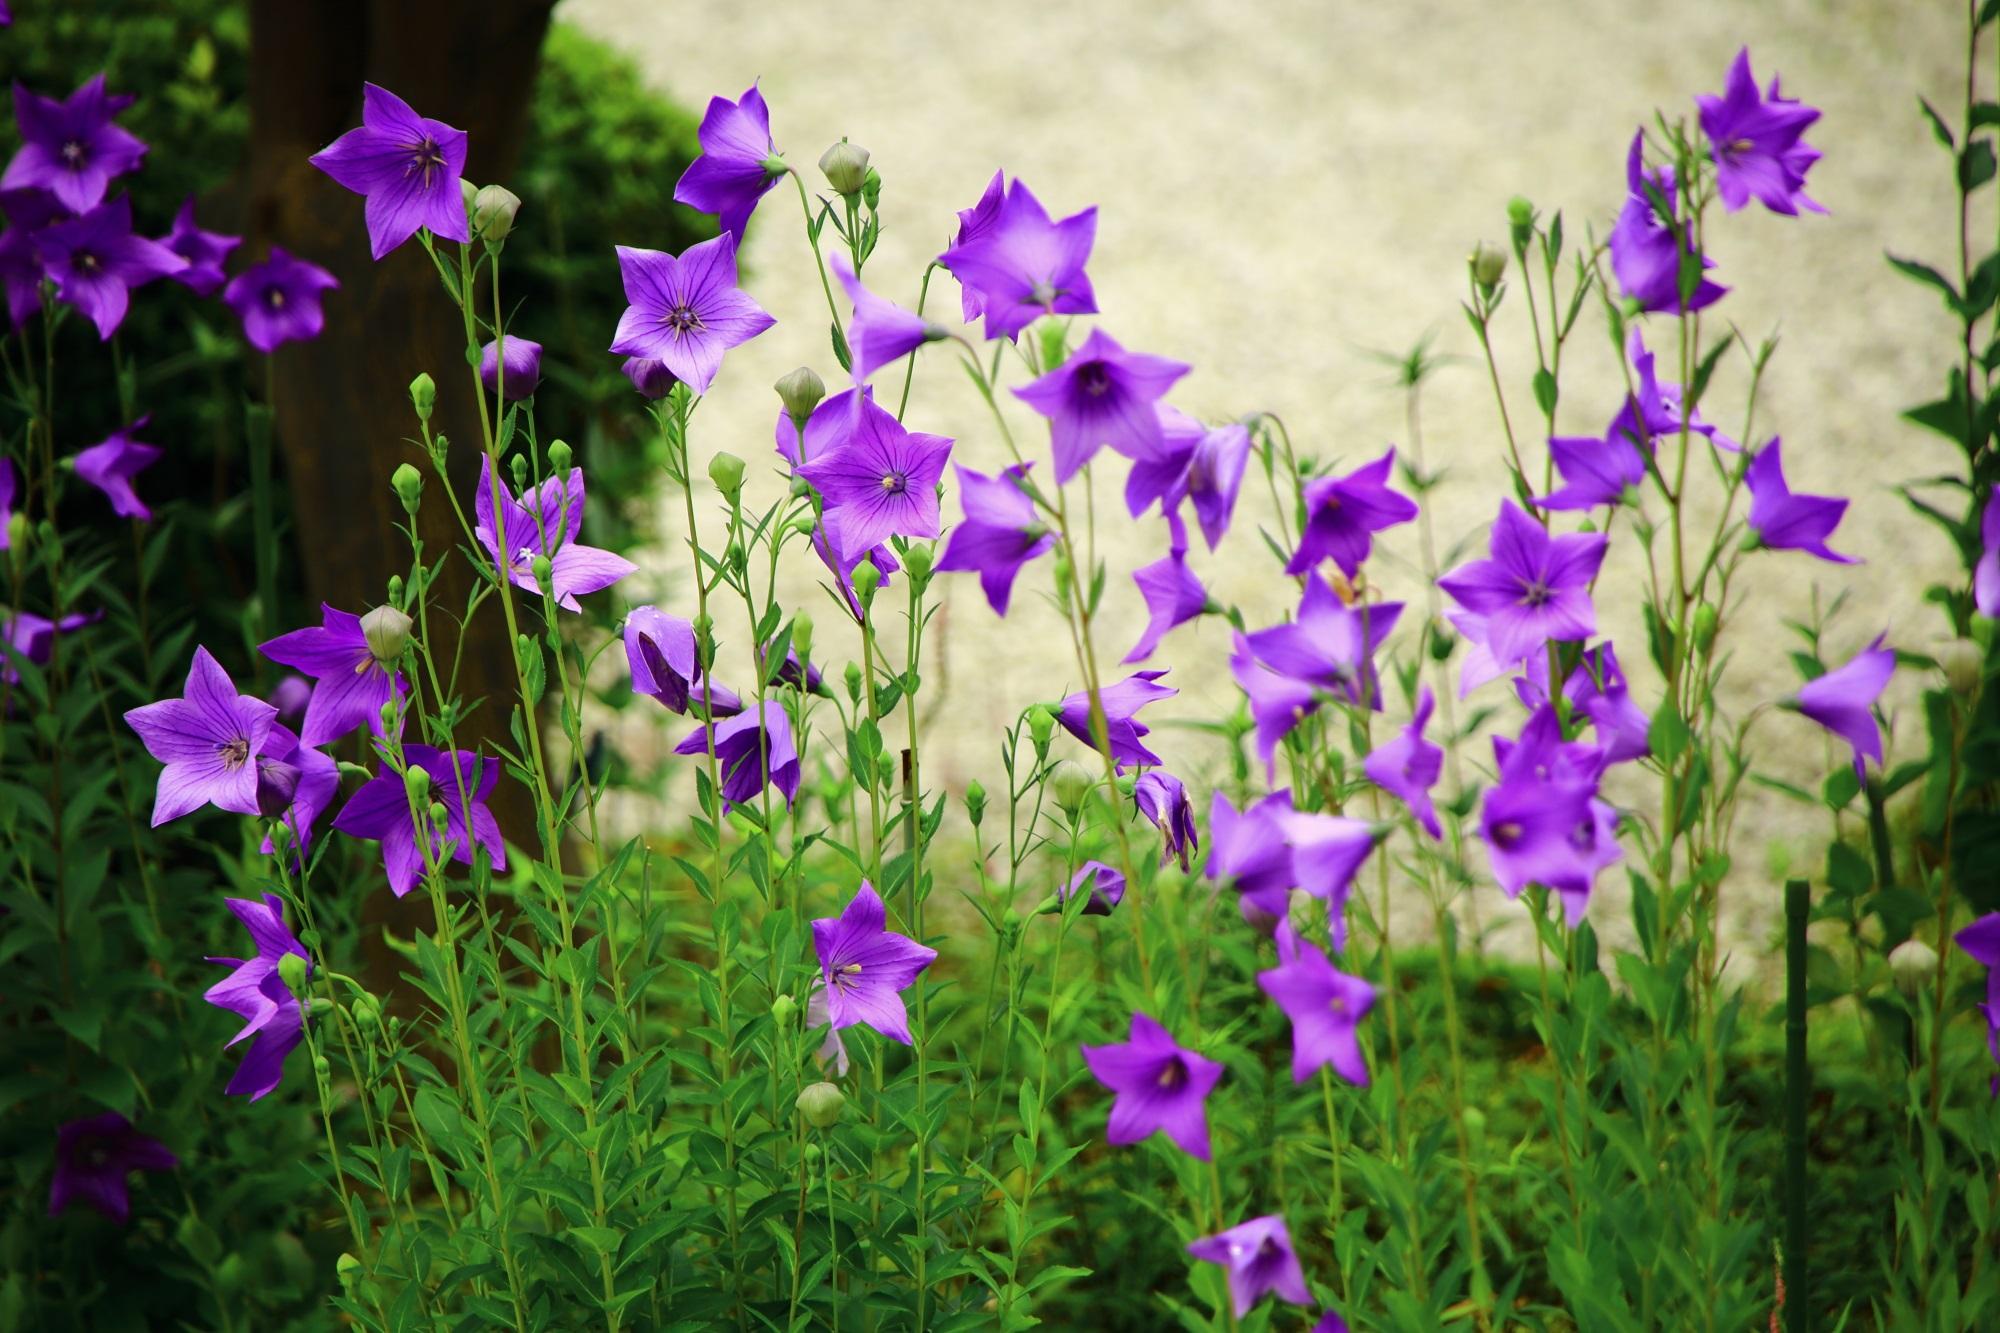 廬山寺のキキョウの妖艶で幻想的な紫の彩り